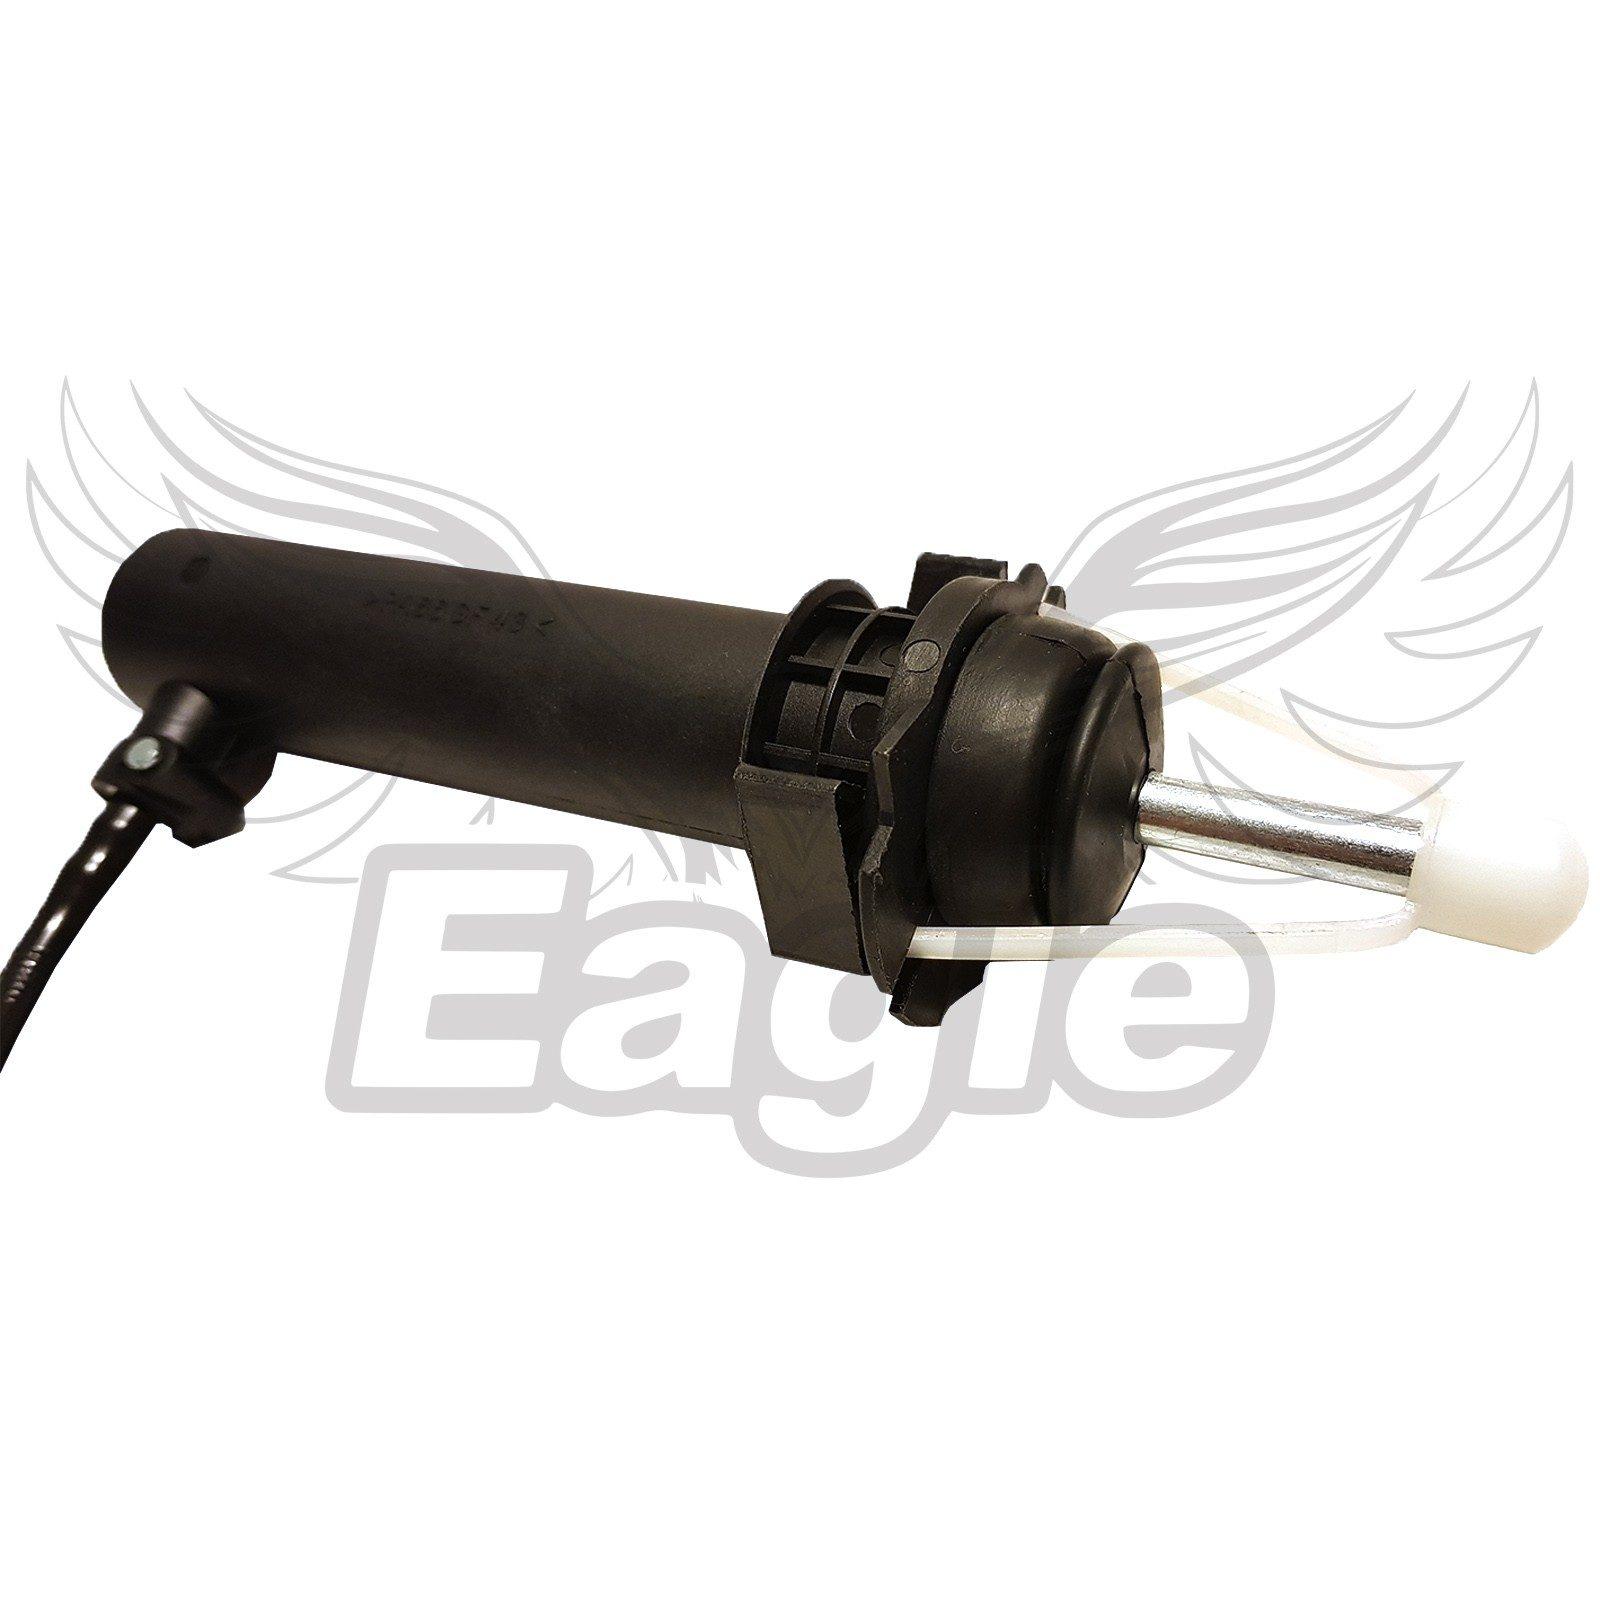 809 4 - EagleOffRoad